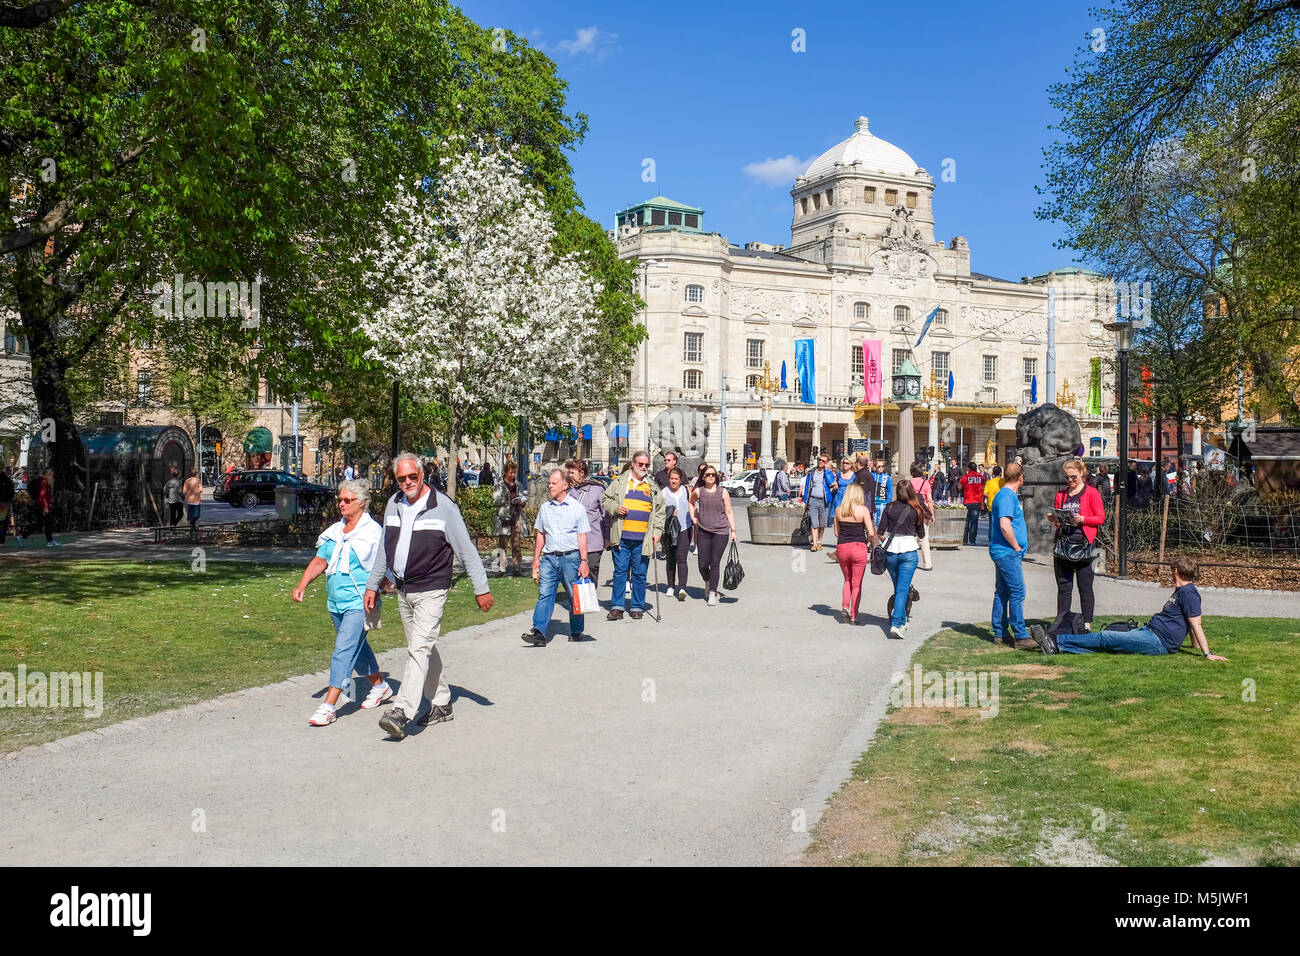 La gente se pasea en el parque Berzelii durante la primavera en Estocolmo. El Real Teatro Dramático en el fondo Imagen De Stock